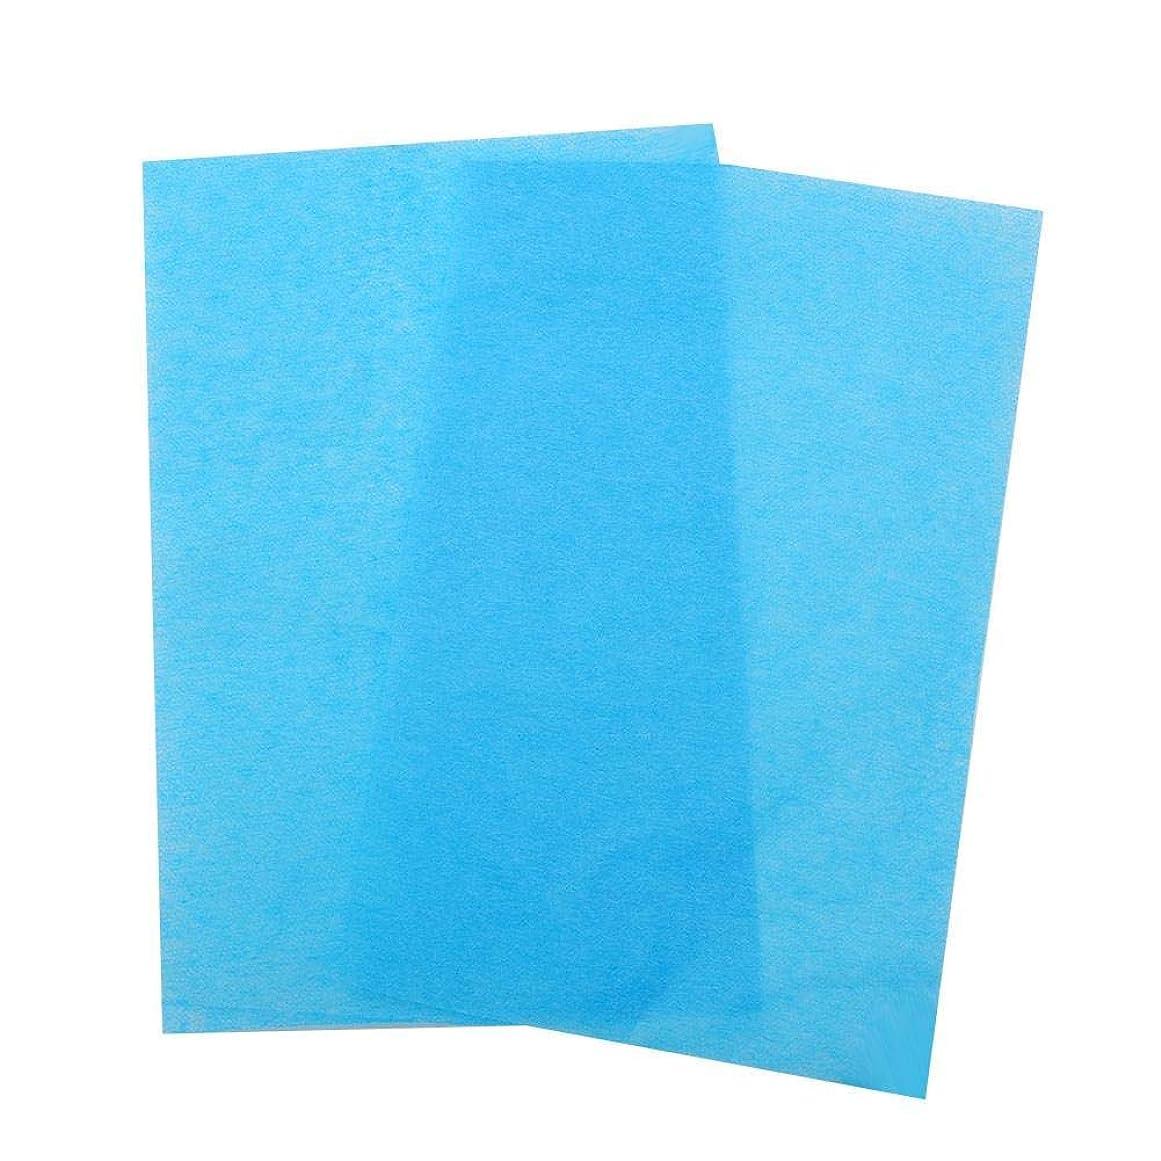 文明晩餐モック3色50ピース両面、オイル吸収組織フェイスブロッティングシートオイルブロッティング紙(03)